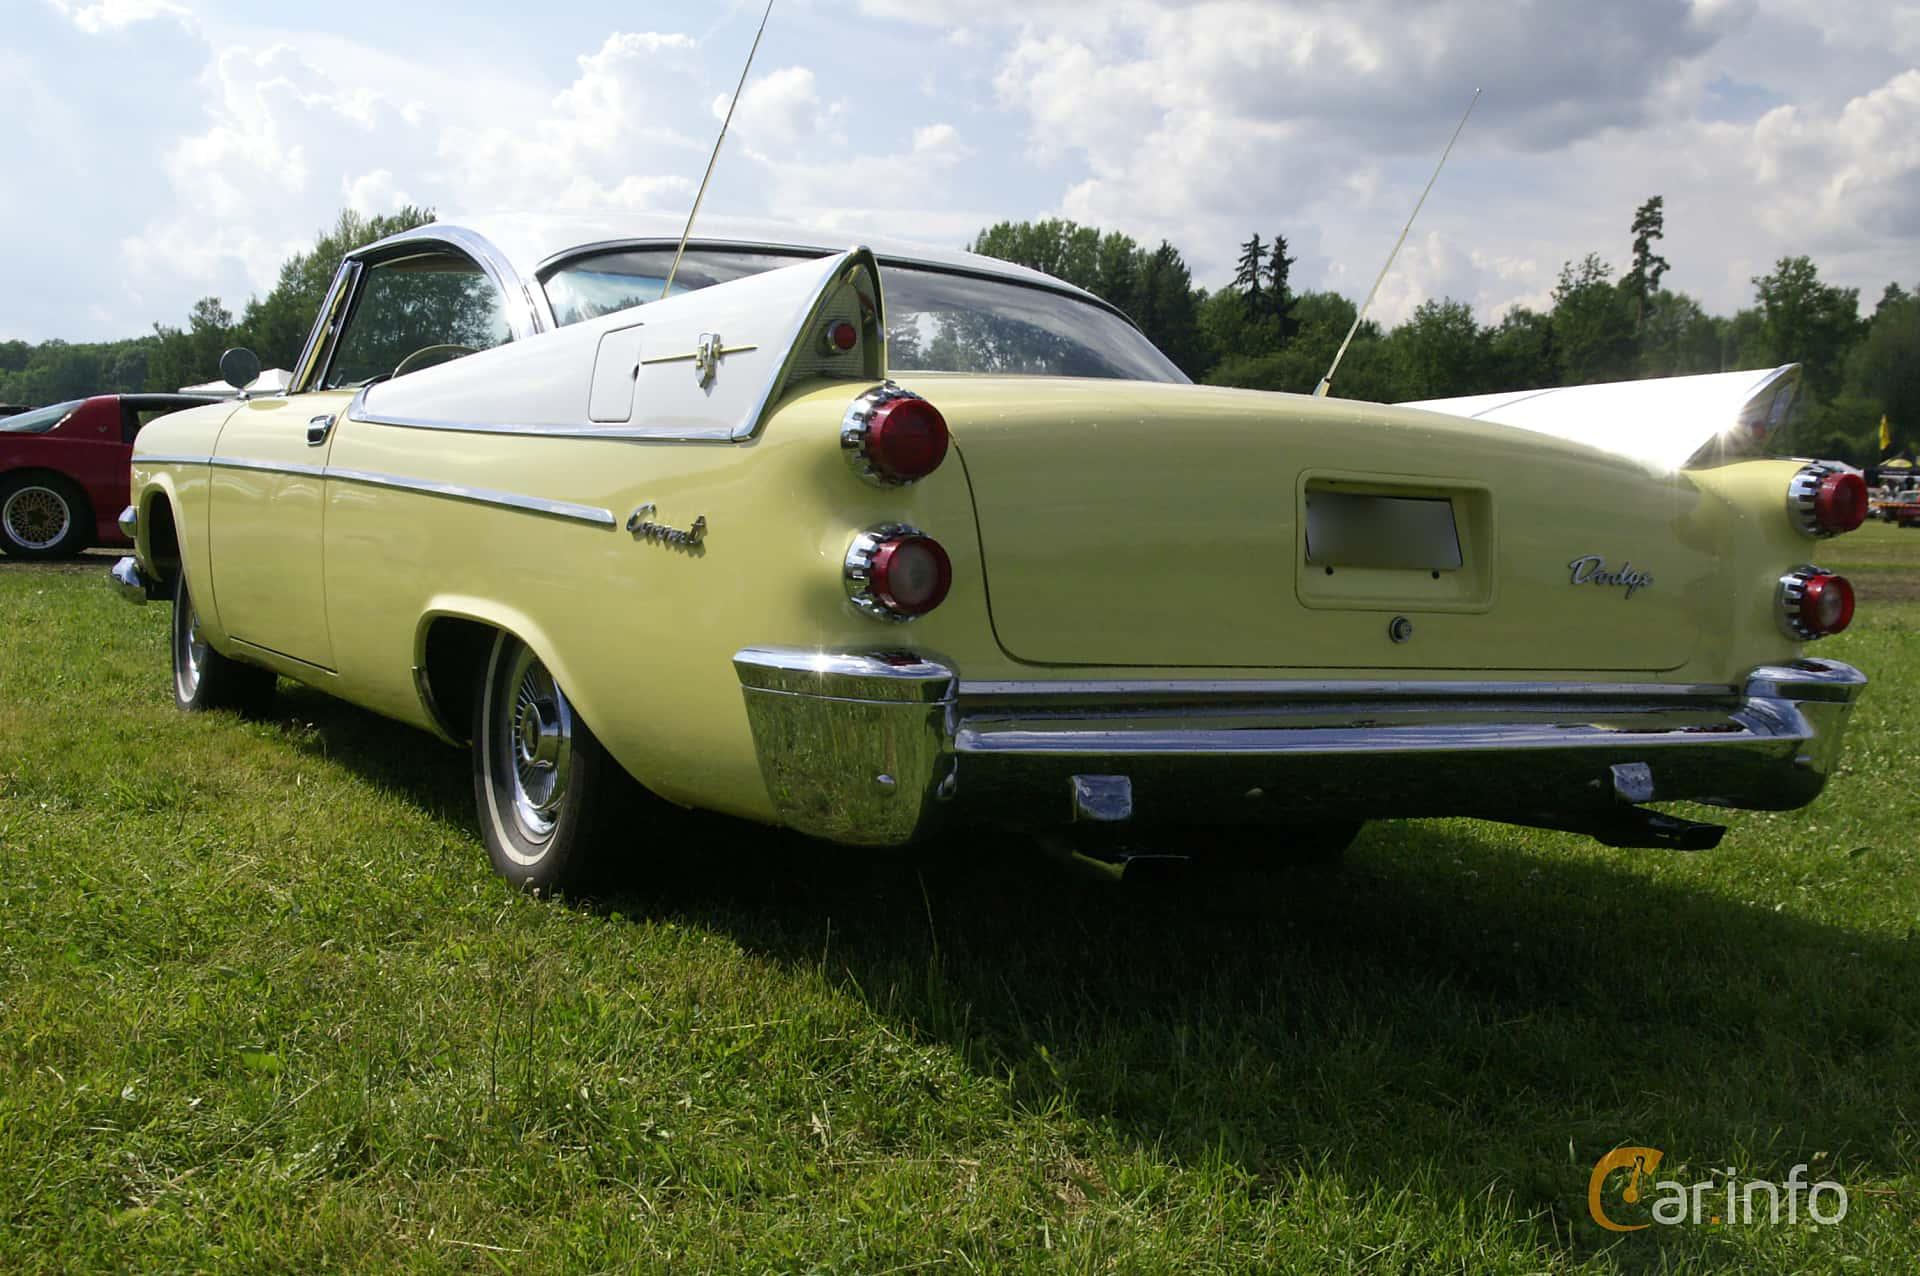 Dodge Coronet Lancer 2-door 5.3 V8 PowerFlite, 256hp, 1958